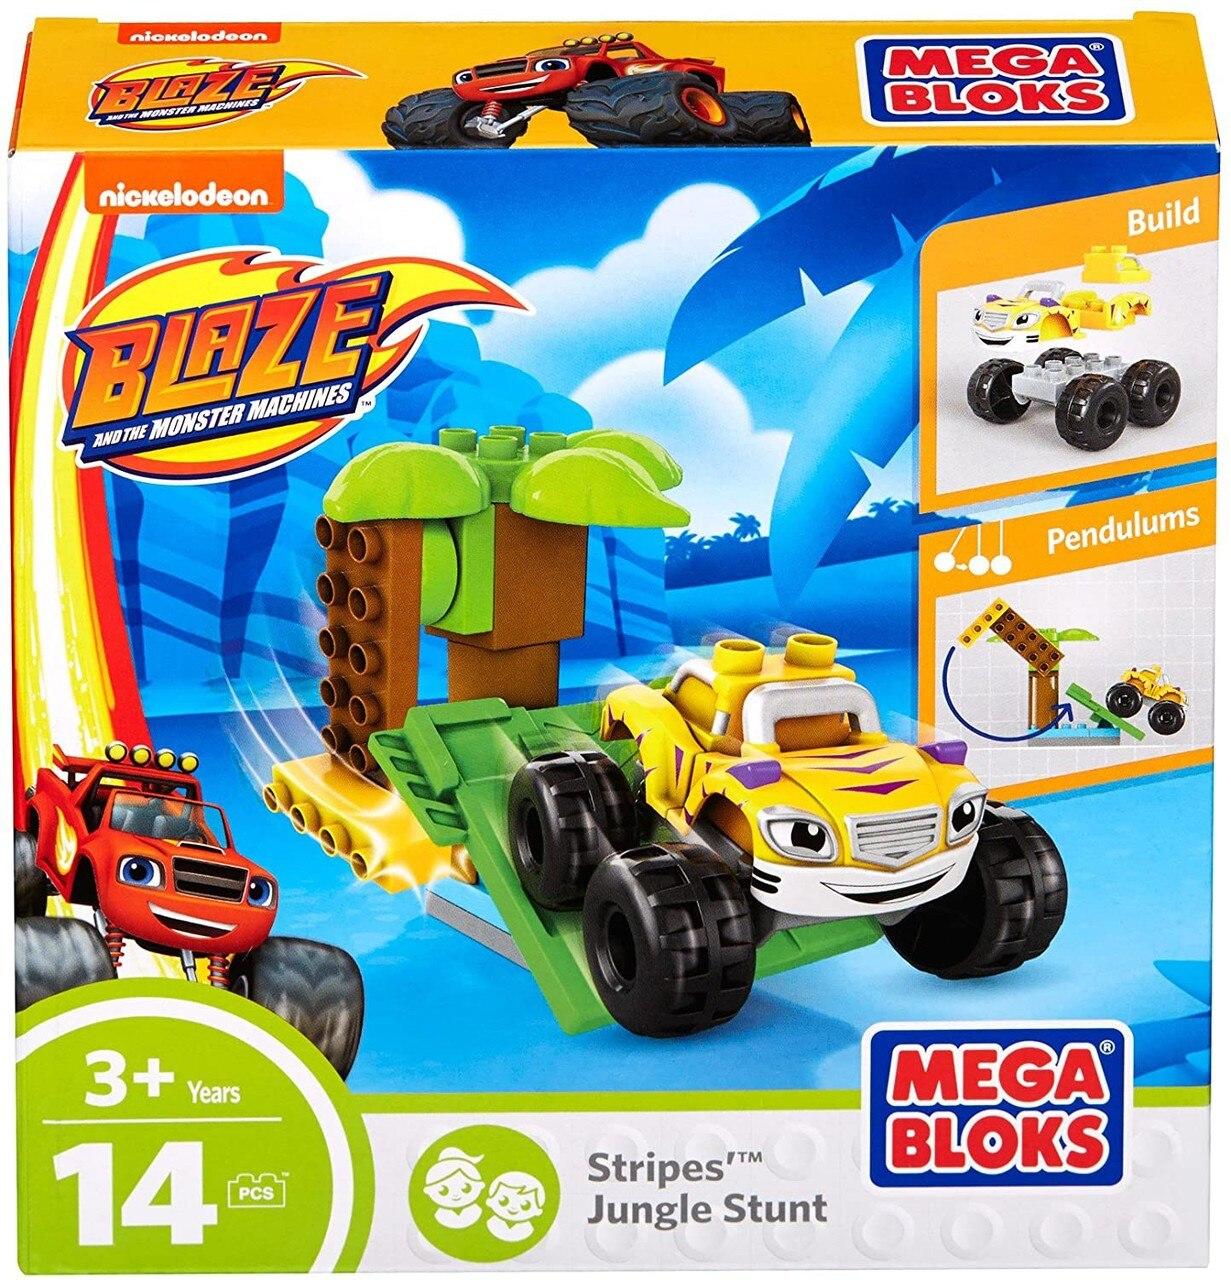 Mega Bloks Blaze The Monster Machines Stripes Jungle Stunt Set Top Toys